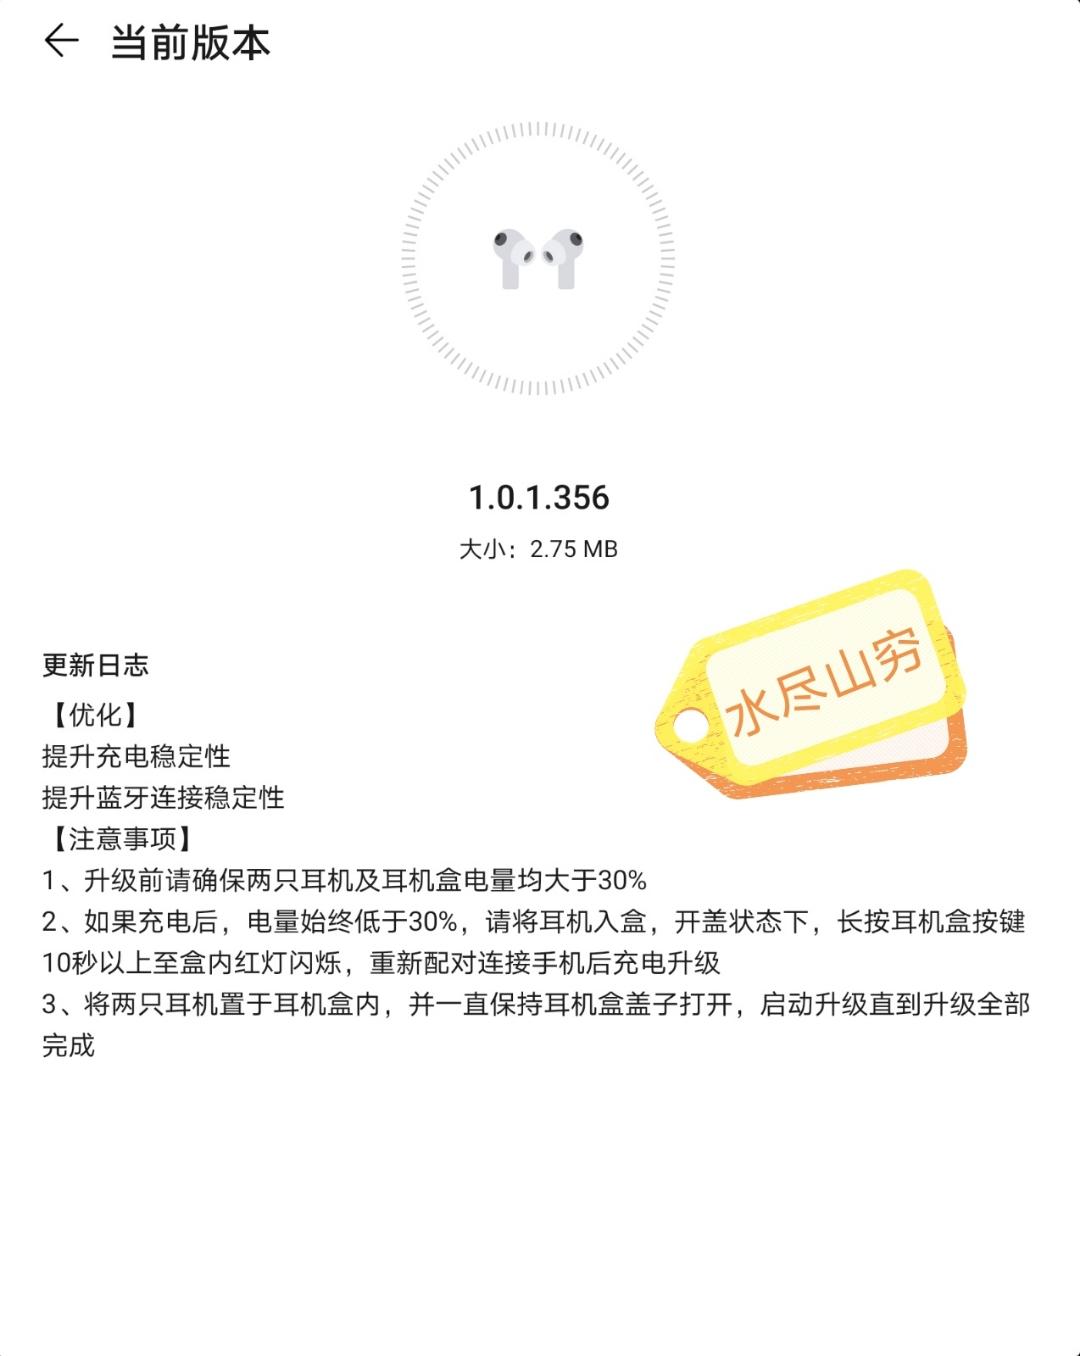 Screenshot_20210329_135944.jpg